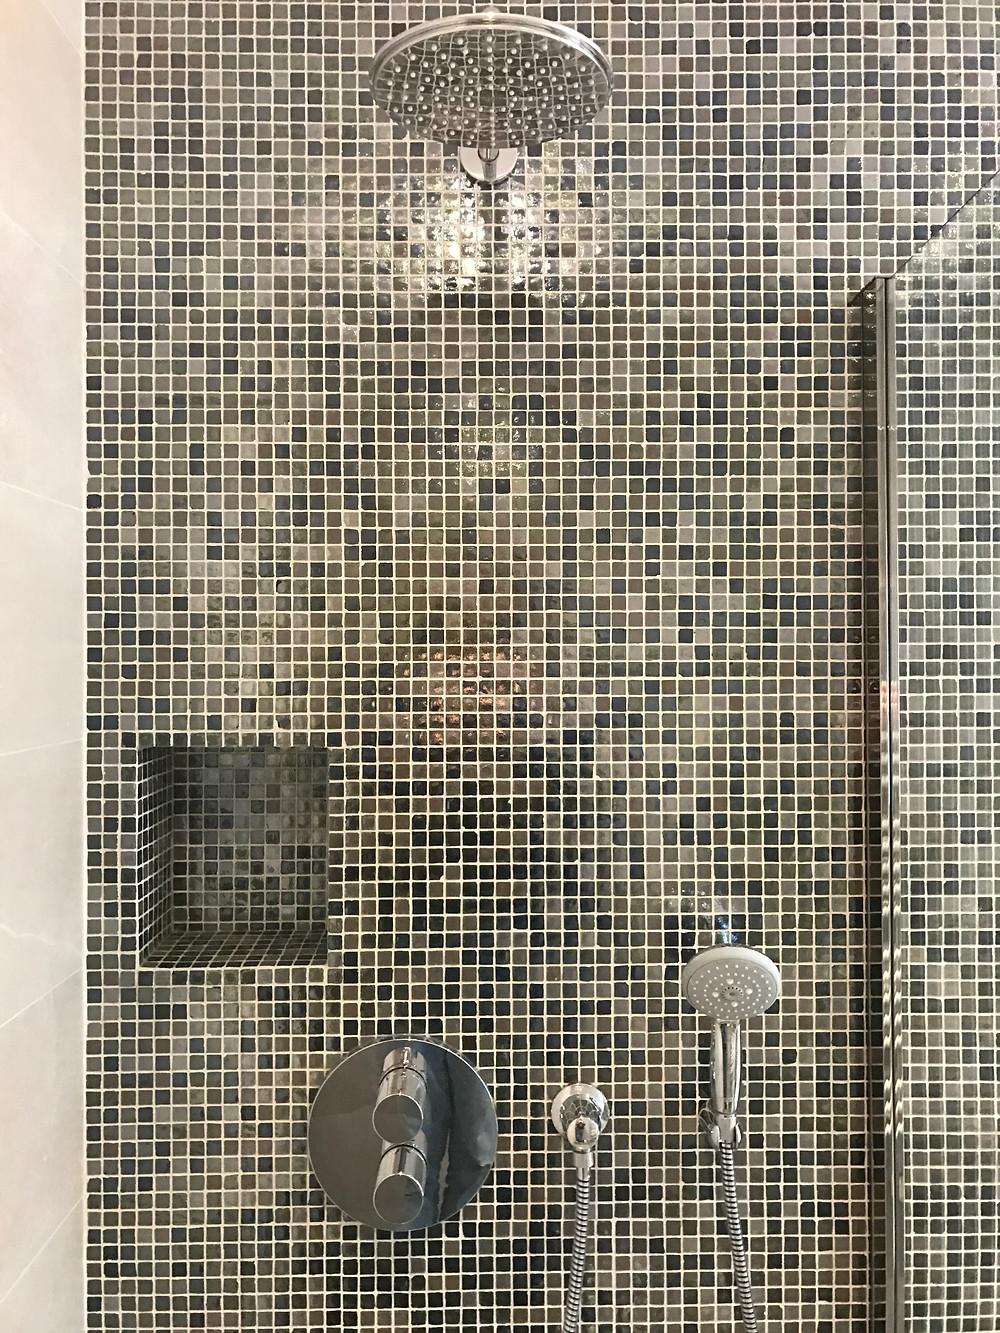 Qu'est-ce qui définit une douche à l'italienne : une douche carrelée ? une douche ouverte ? un bac à douche carrelé et une douche ouverte ?